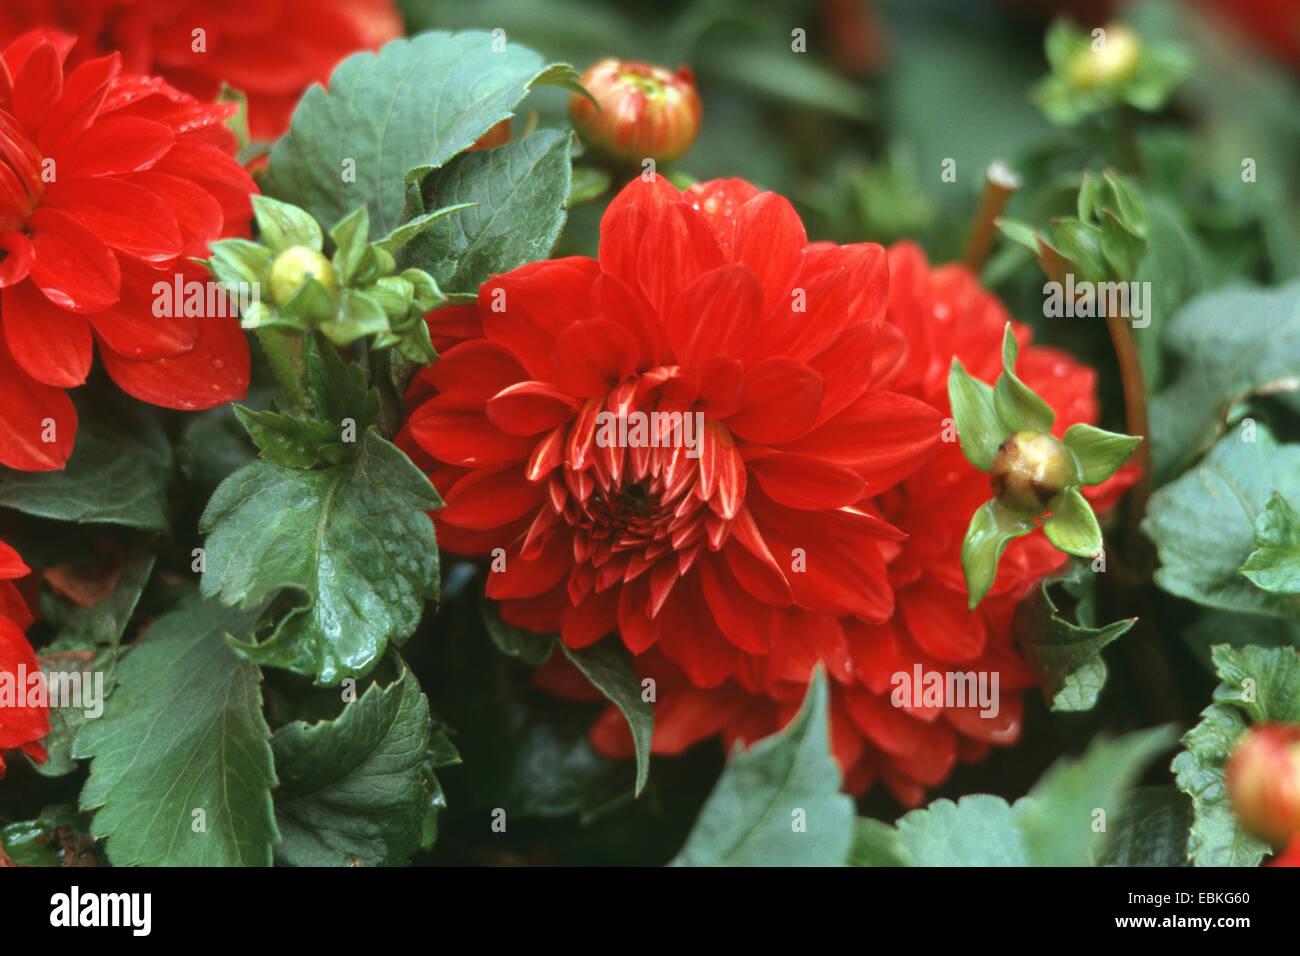 georgina (Dahlia 'Heat Wave', Dahlia Heat Wave), cultivar Heat Wave - Stock Image